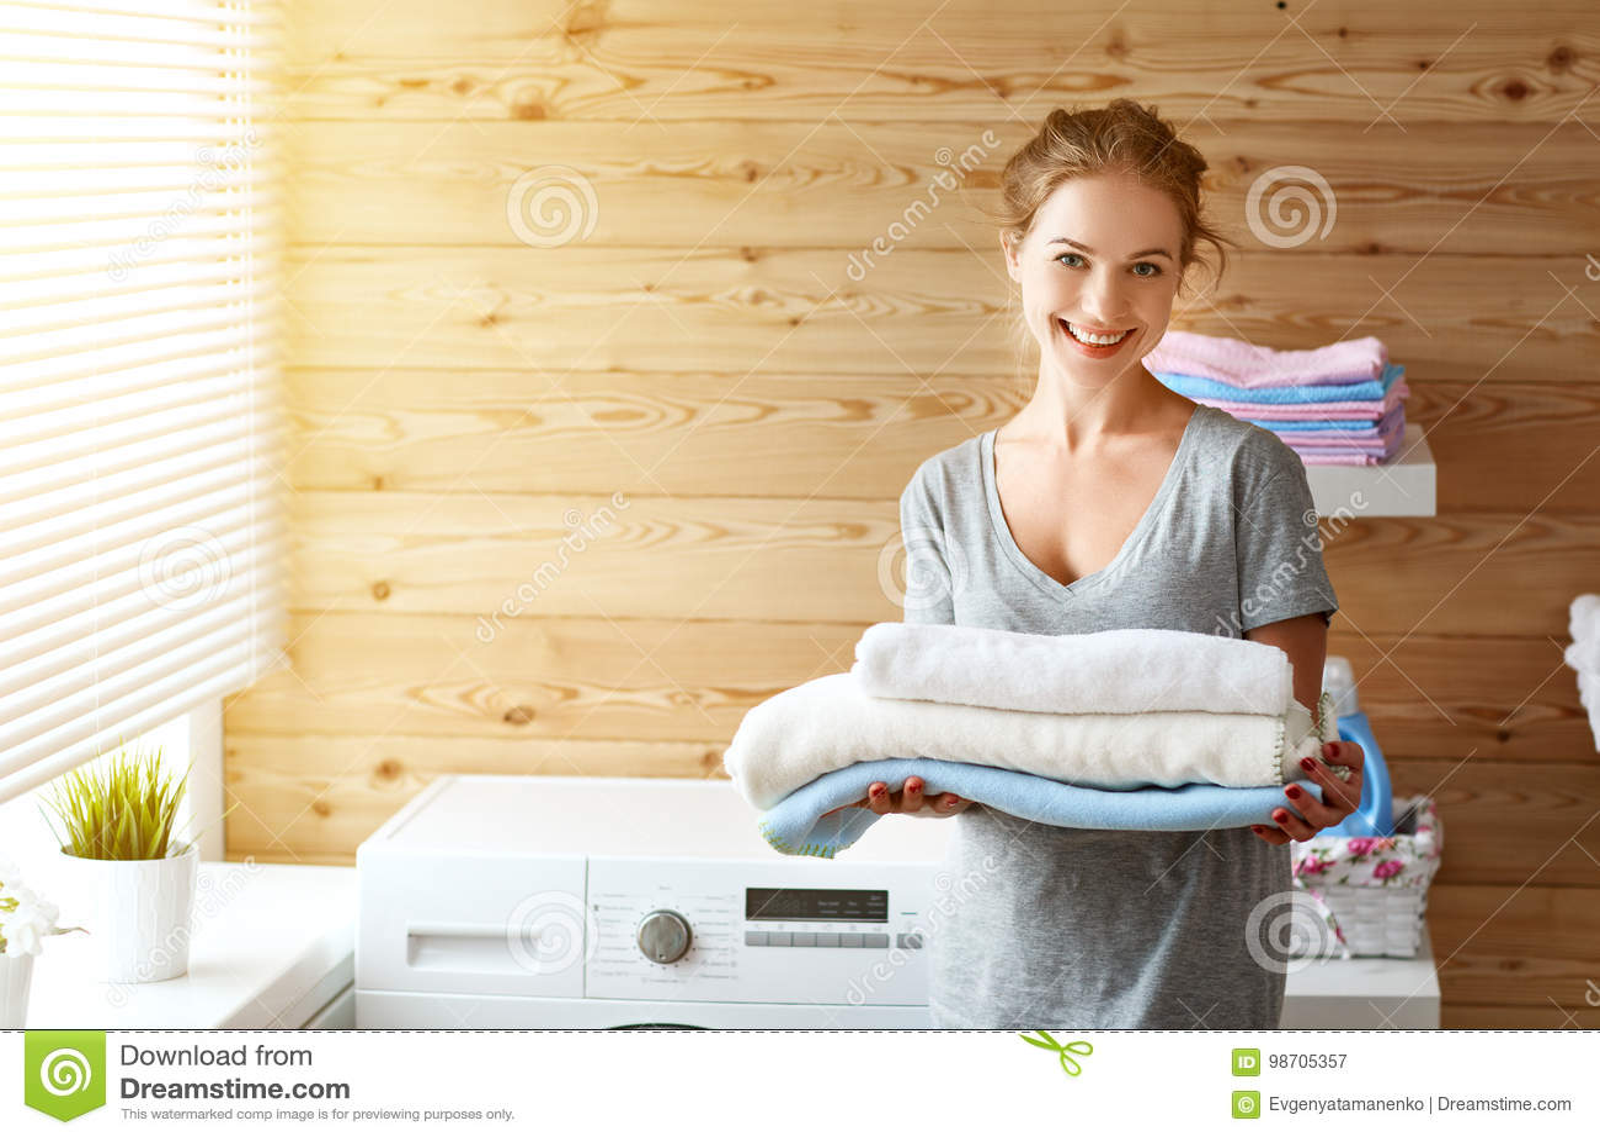 Glückliche Hausfraufrau in der Waschküche mit Waschmaschine